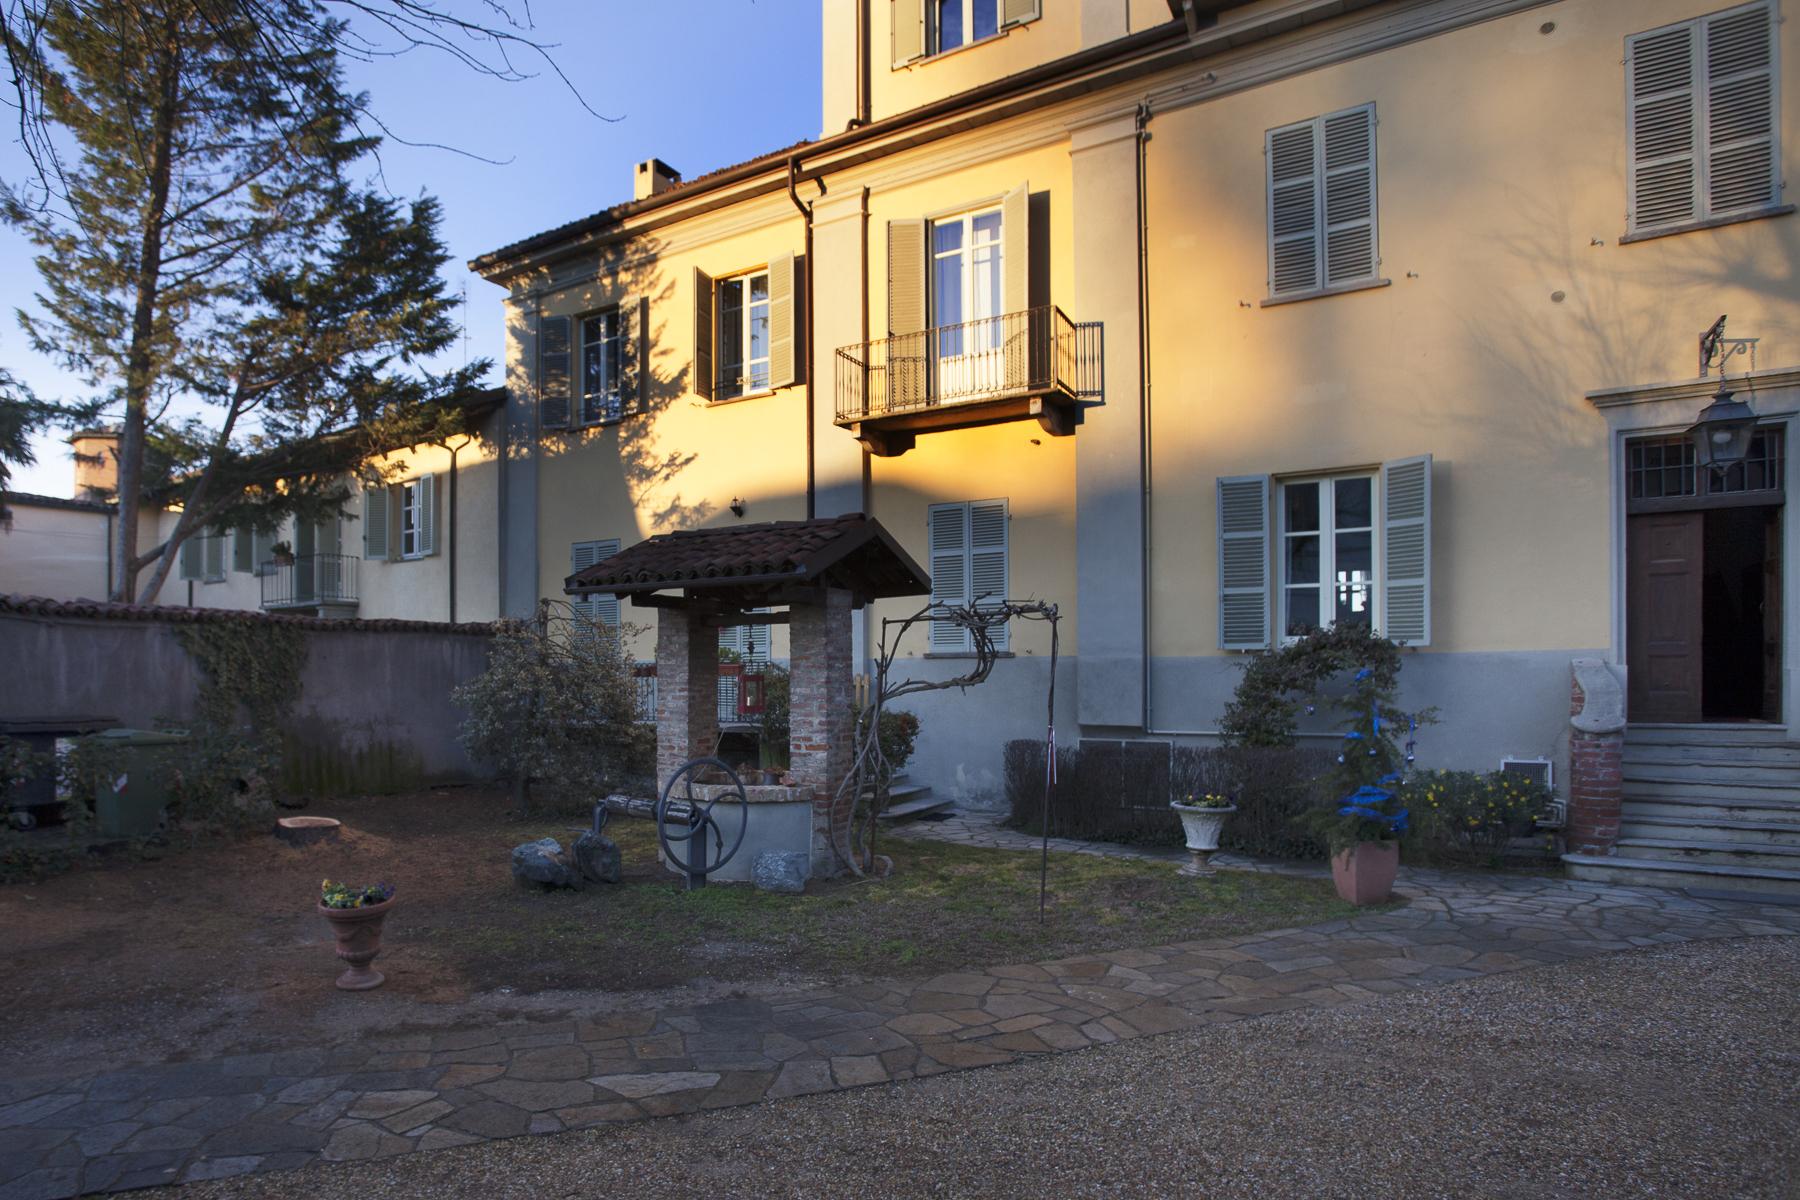 Appartamento in Vendita a Chieri: 4 locali, 110 mq